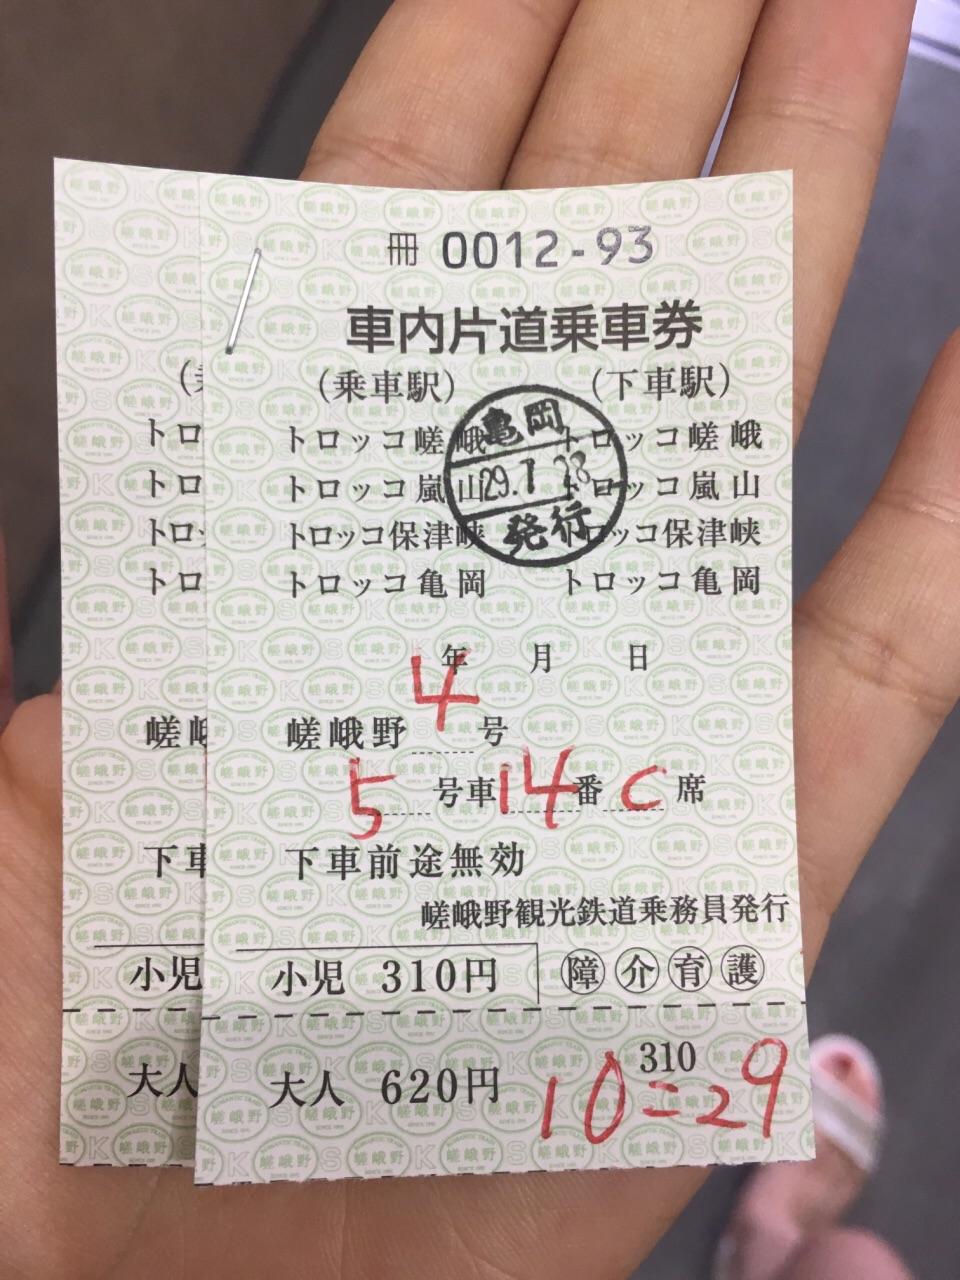 这个小火车真的非常值得坐一下的,我本来看了点评说要提前订票的,原来想要淘宝上买票的,结果一看价格下一跳,运费80人民币,另外再买车票,所以打算麻烦东京的日本朋友带买的,回来朋友说你们去大阪的关西机场就可以订到车票的,因为这次去大阪、京都行程要10天了,所以肯定有票子的,果然一下飞机就在机场买到票子了,不过因为是旺季4个座位是分开了的了,但是人民币是省下来了不少,只要620日元单程票,预定了双程票,建议行程时间长的可以直接在日本买票,行程时间短的这个钱就不能省了。